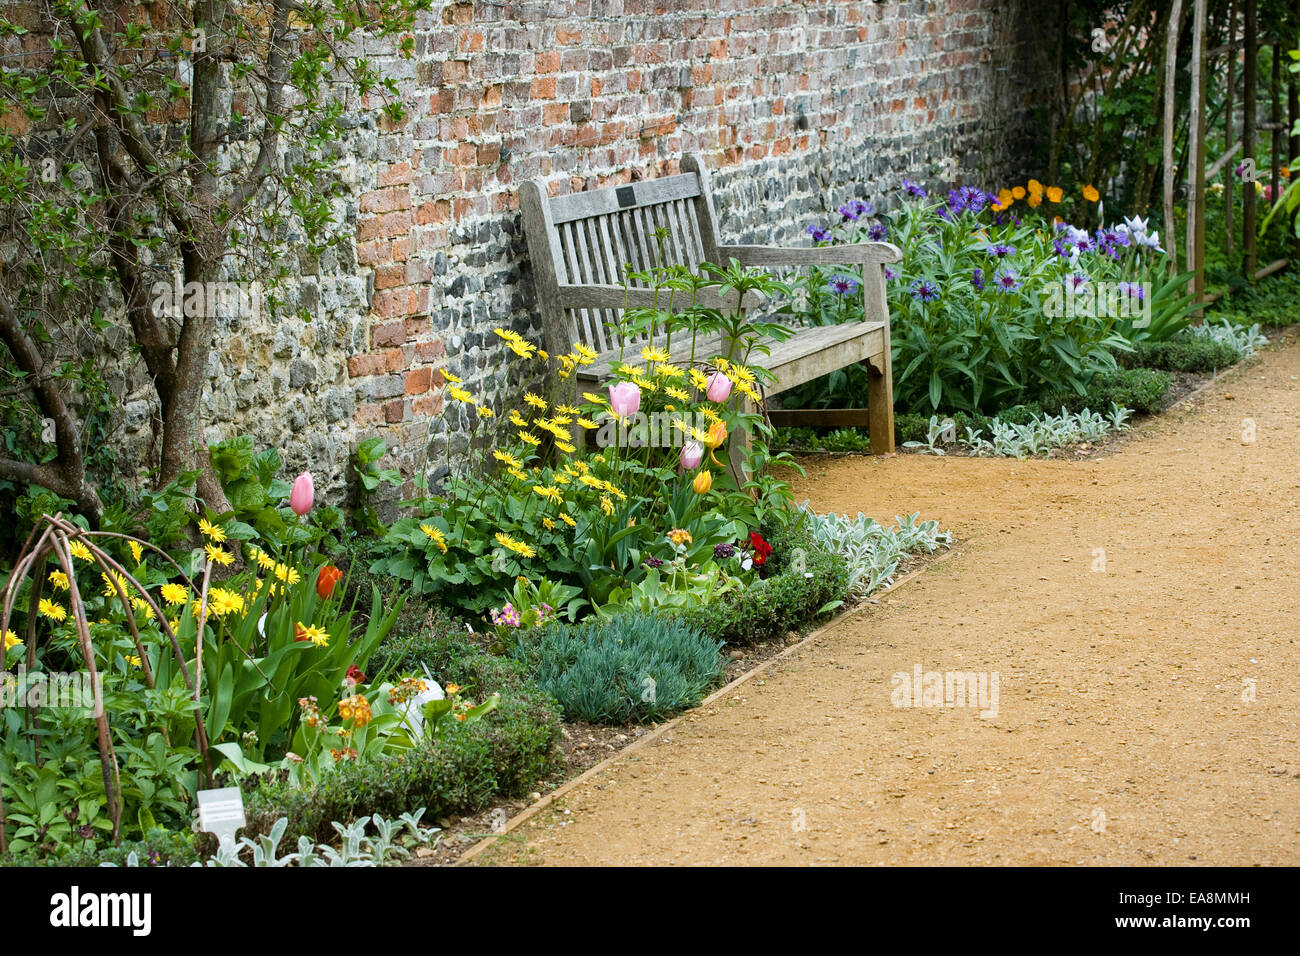 Jardin clos de printemps avec un banc, mur de briques et une variété ...